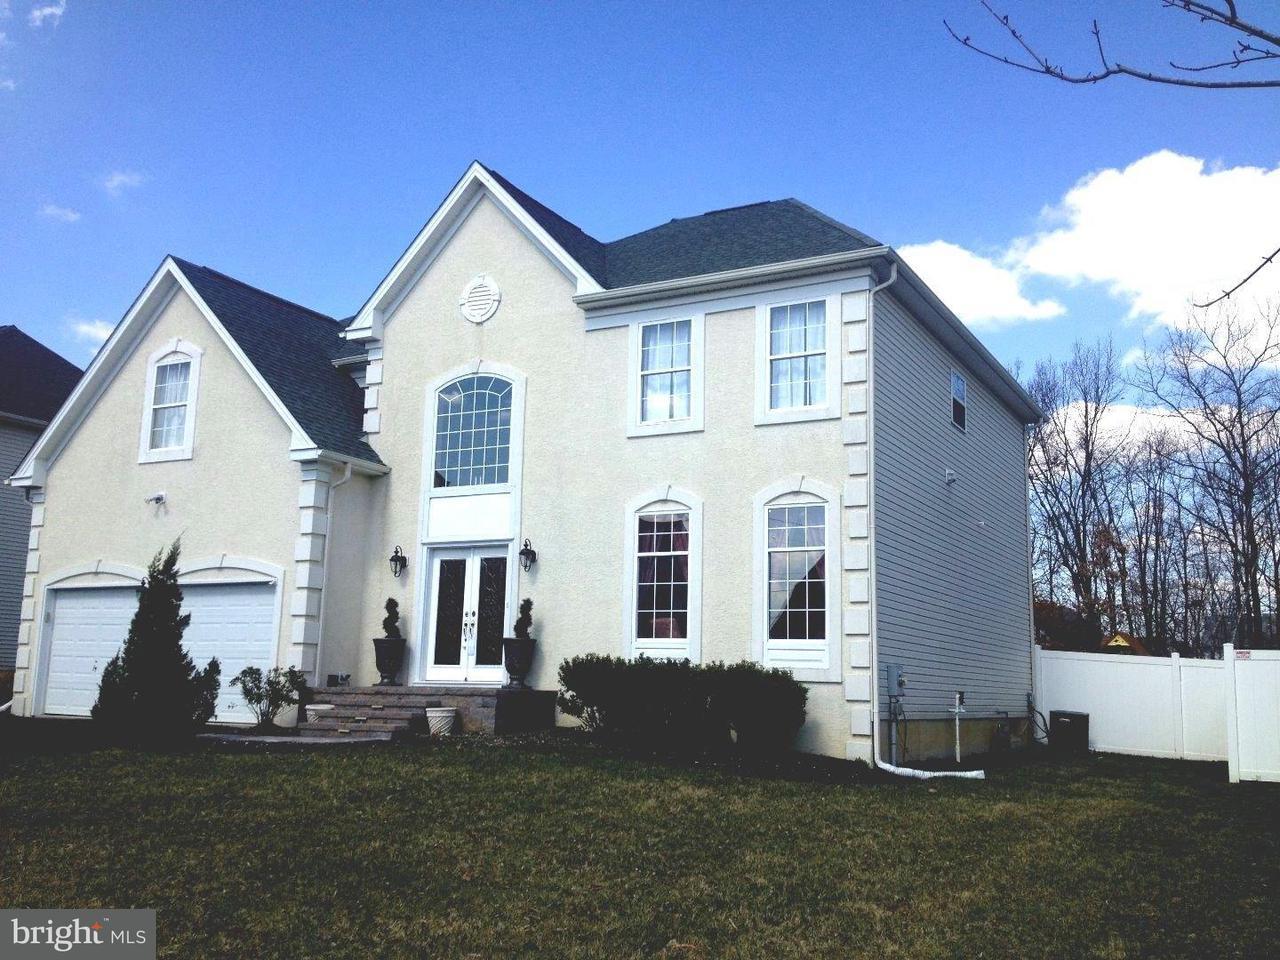 Casa Unifamiliar por un Alquiler en 111 SUMMERBROOKE Court Sicklerville, Nueva Jersey 08081 Estados Unidos